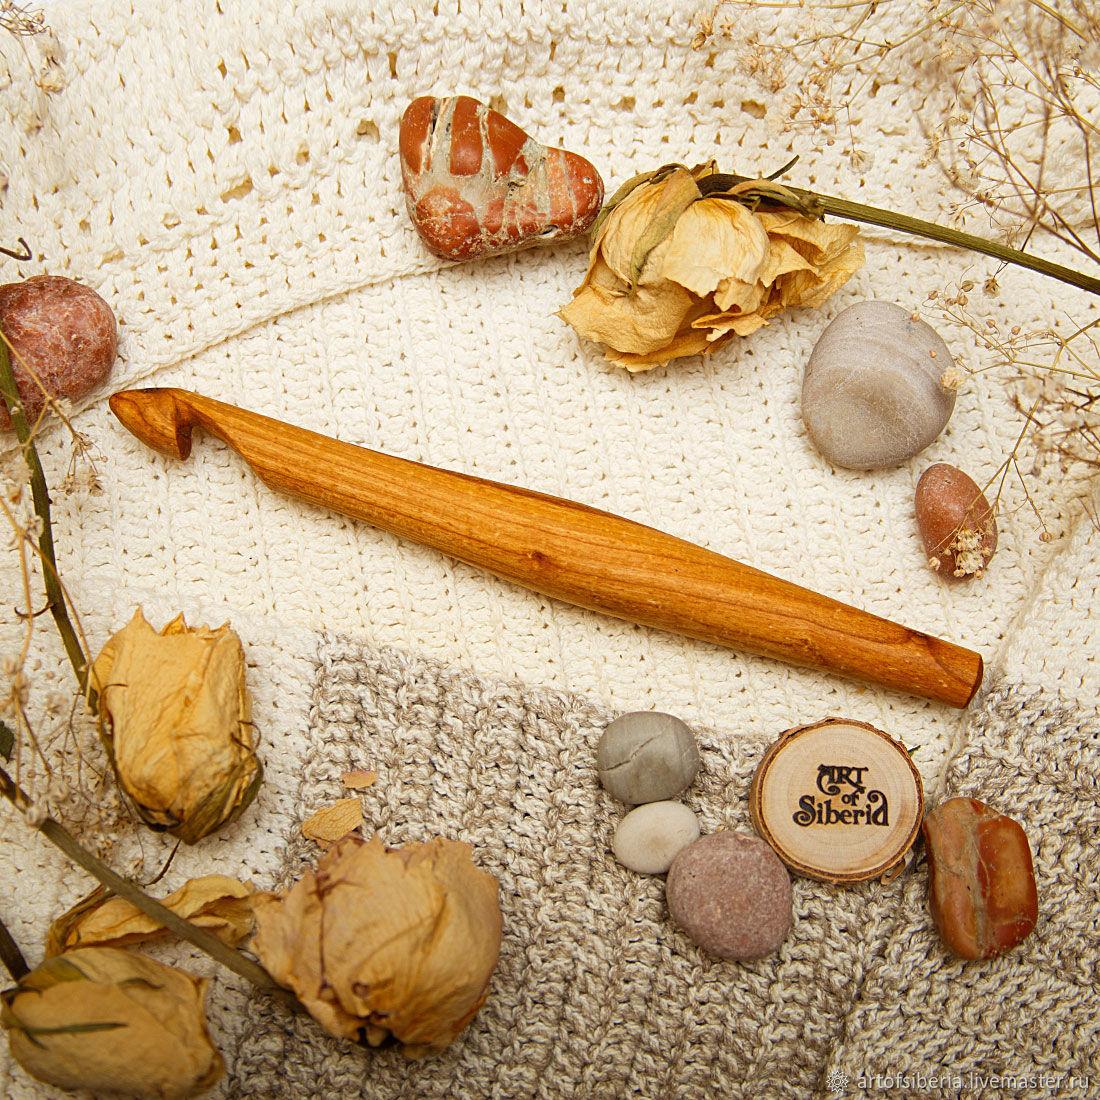 Деревянный Крючок для вязания 15 мм Вишня Крючки из дерева #K60, Инструменты для вязания, Новокузнецк, Фото №1